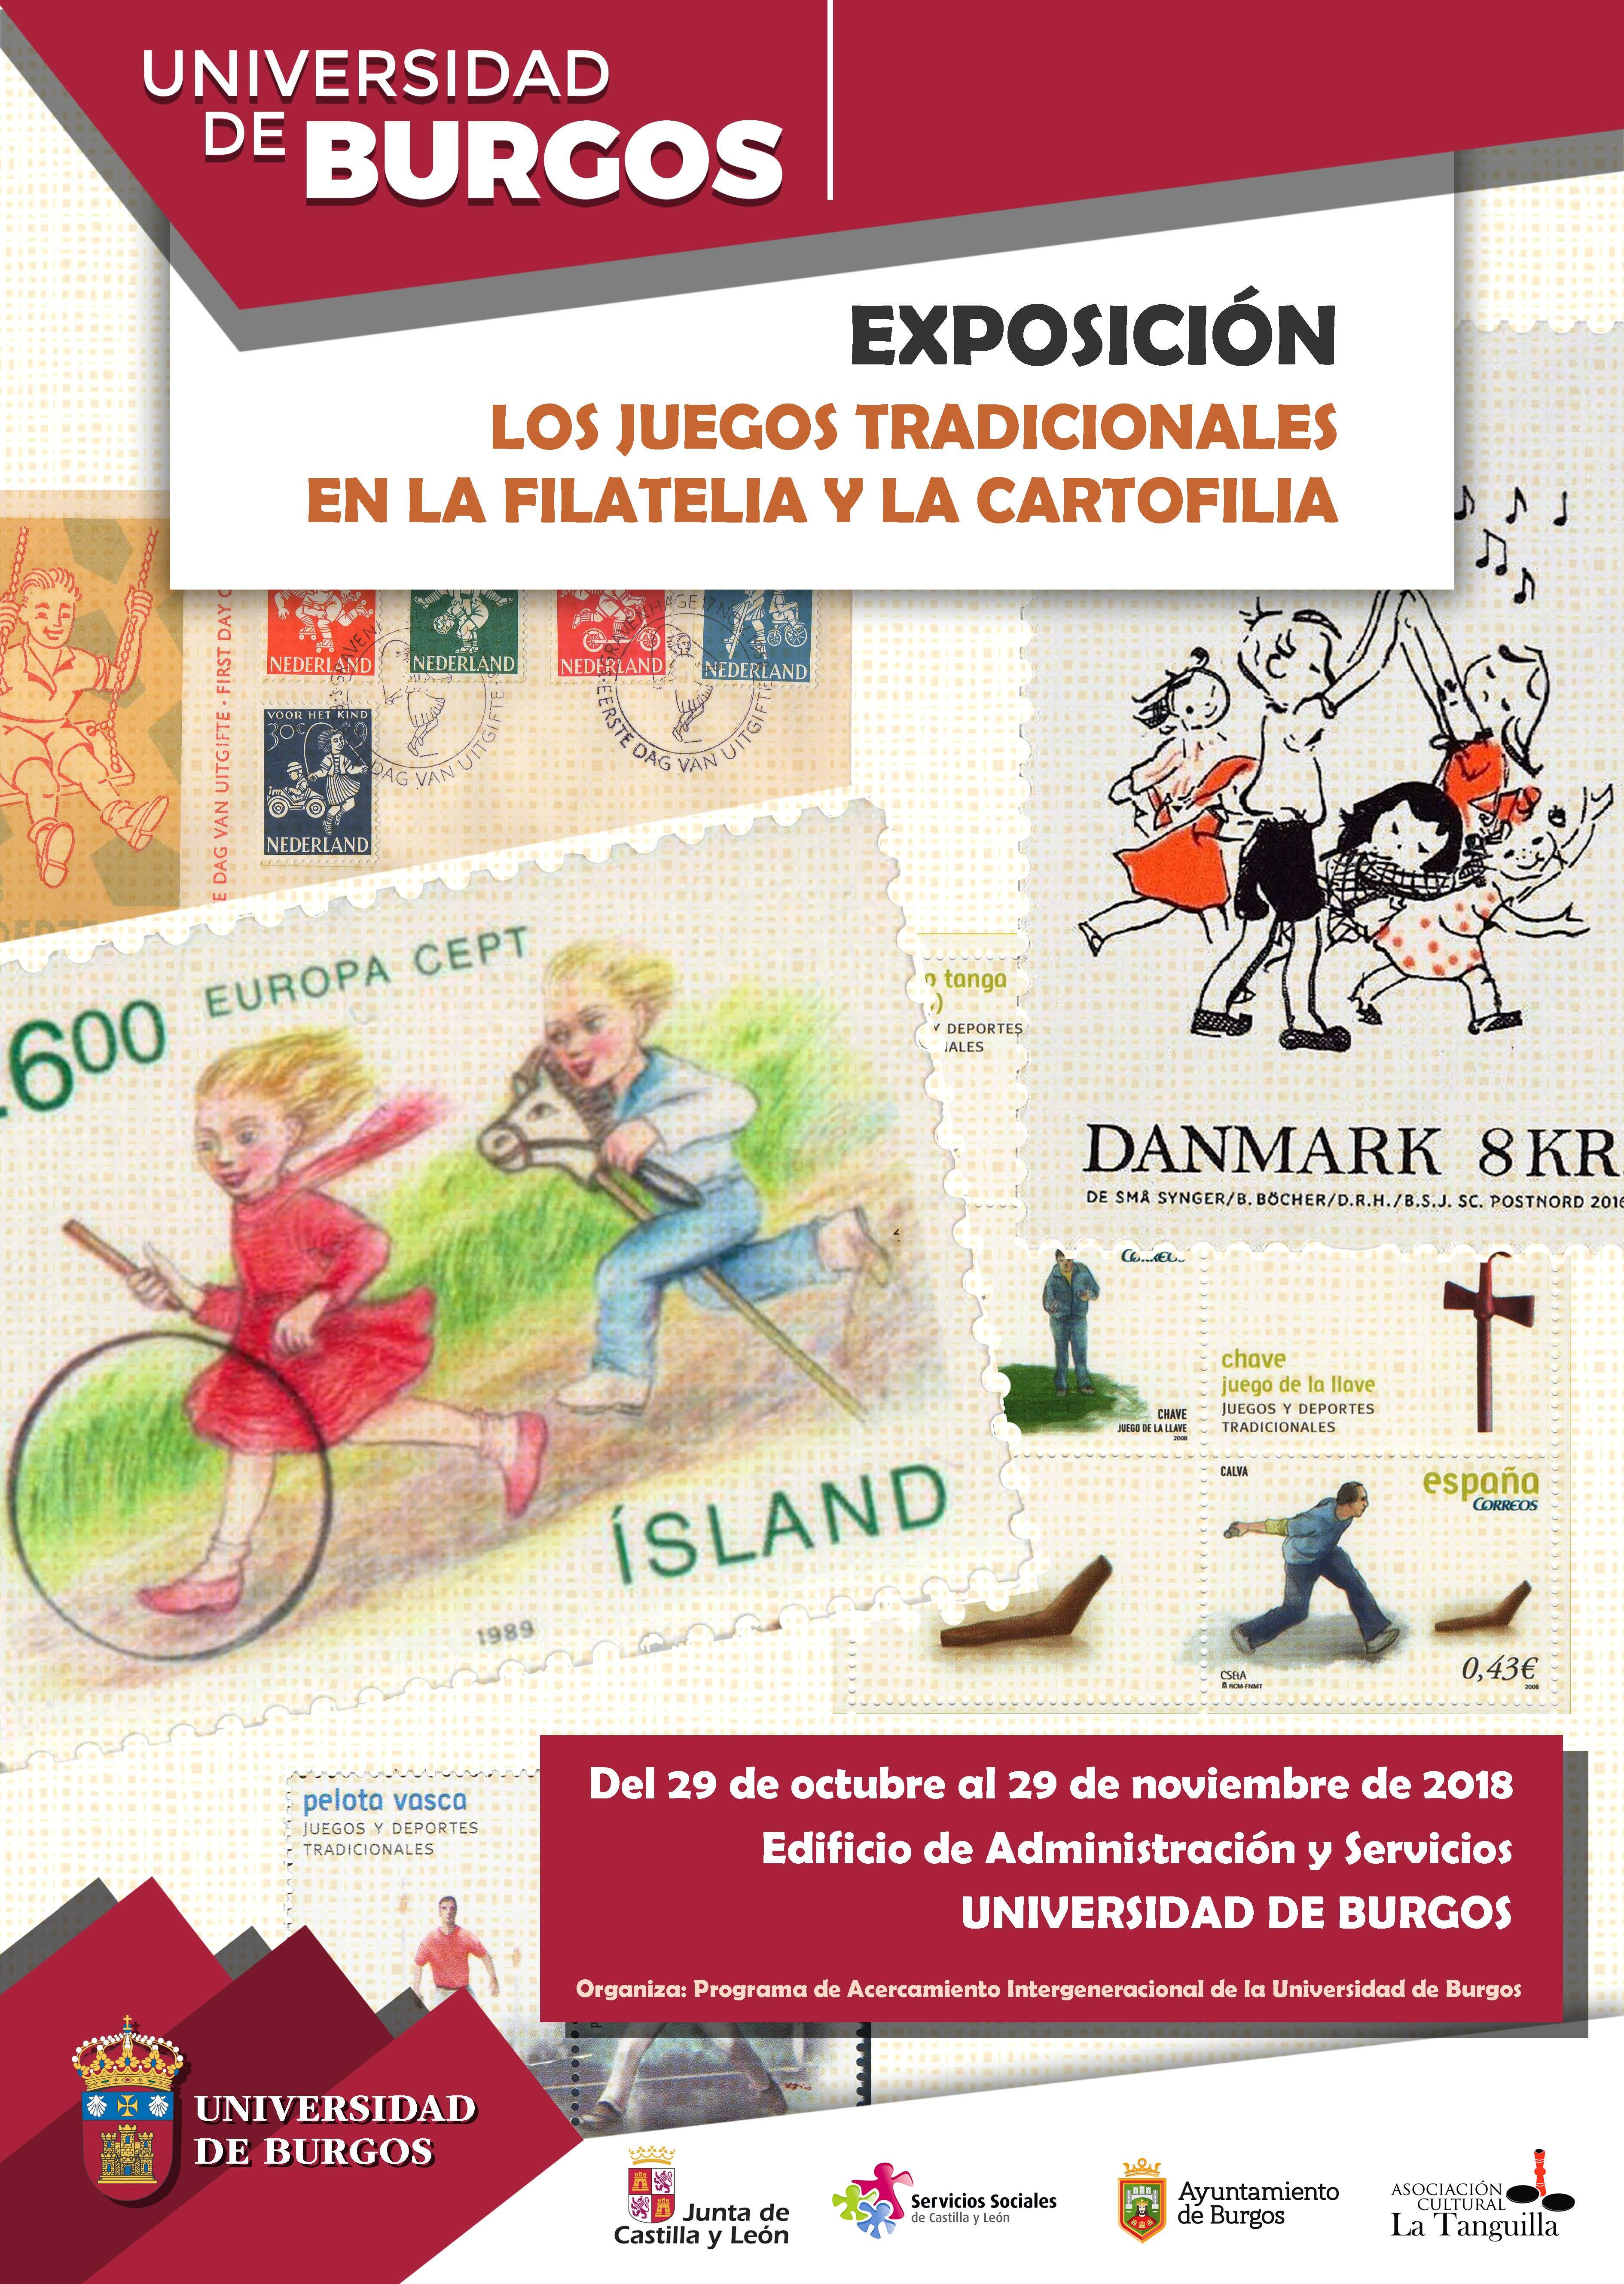 """Exposición """"Los juegos tradicionales en la filatelia y la cartofilia"""""""